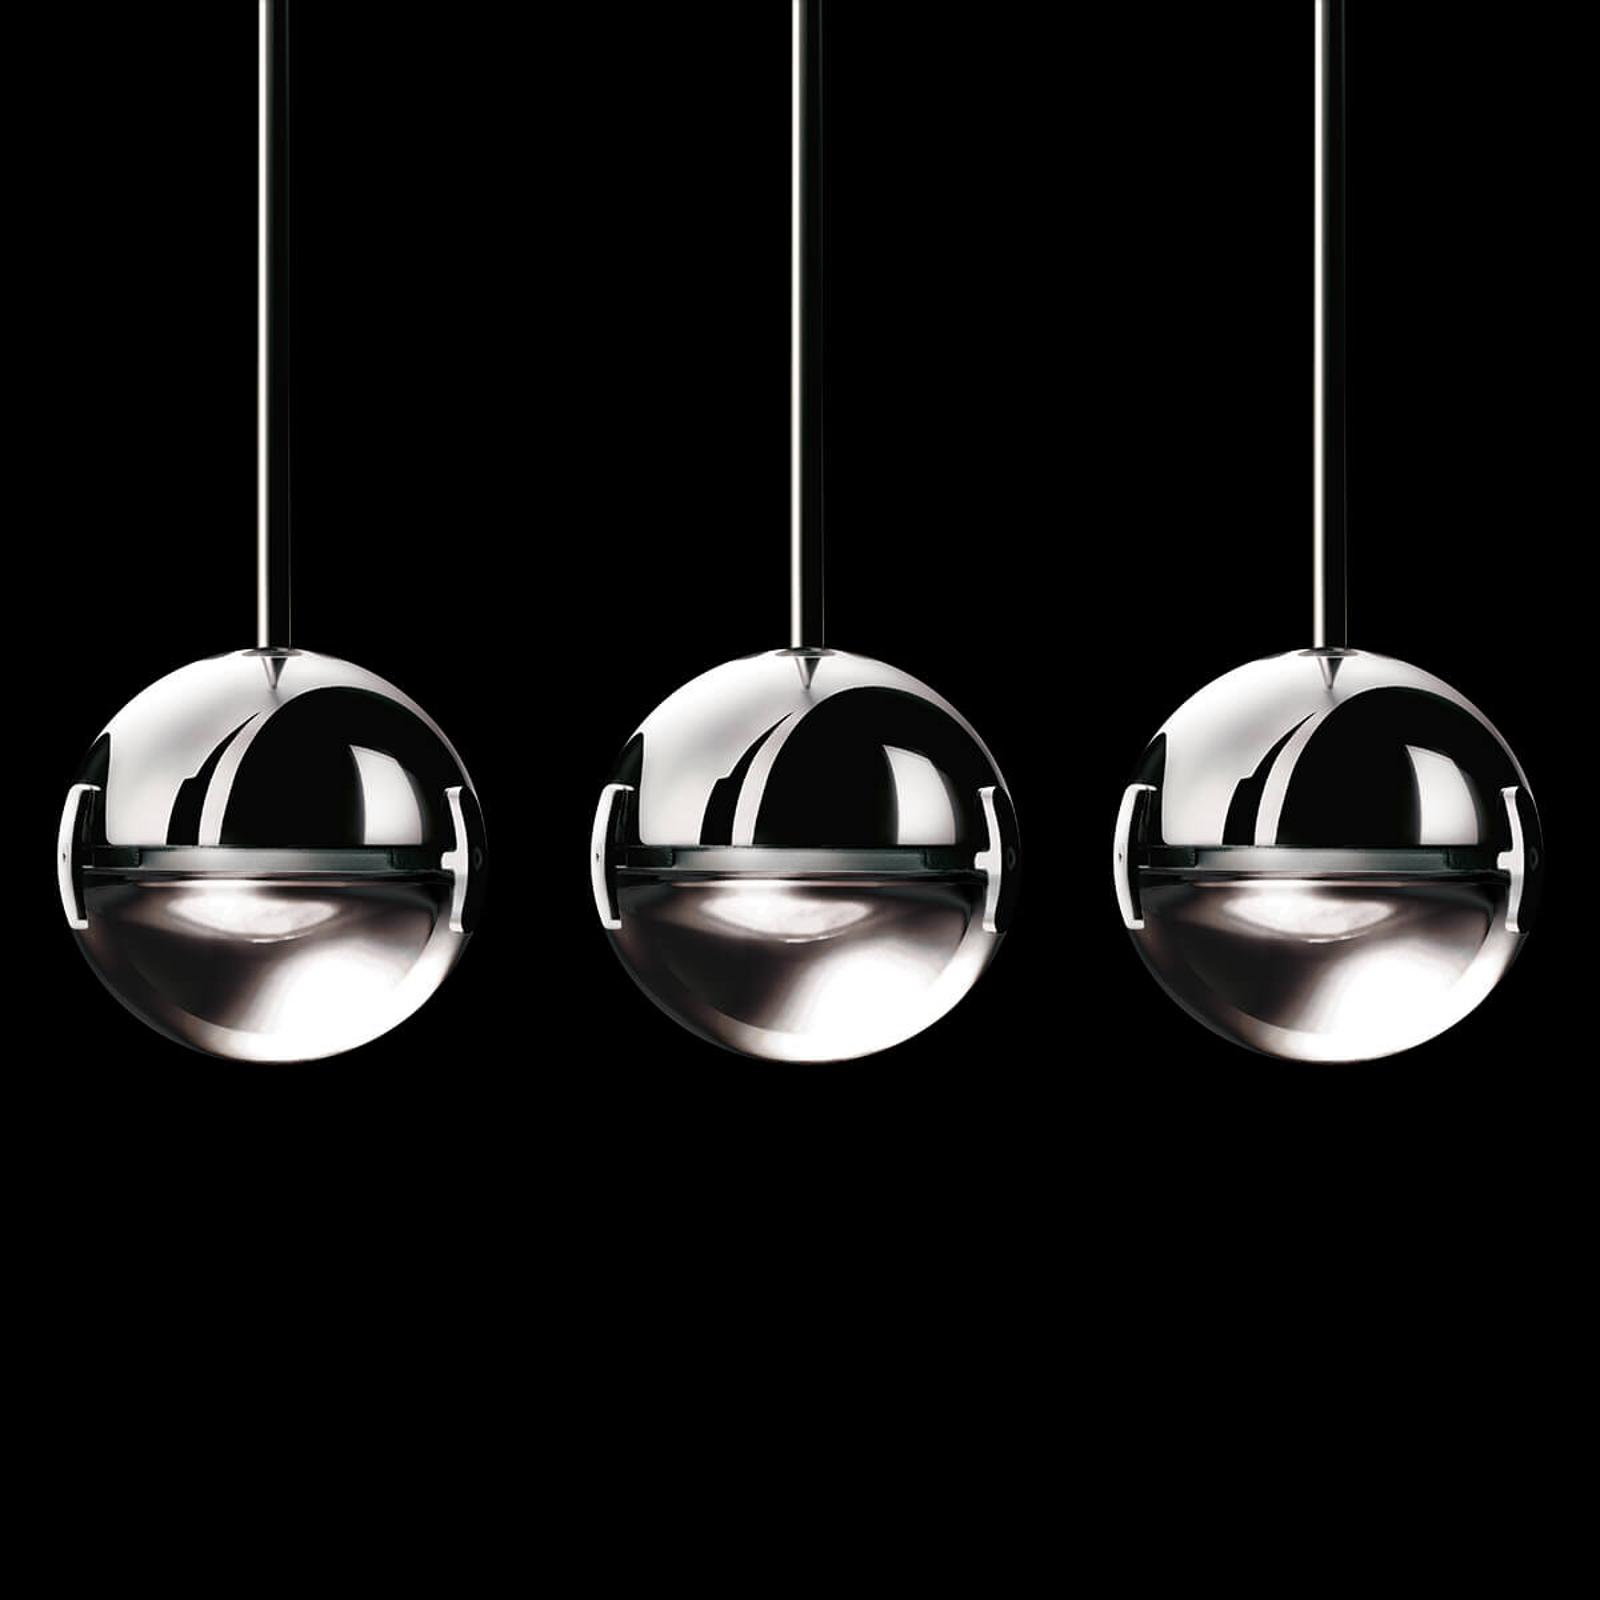 Stilfull LED-hänglampa Convivio, genomskinlig